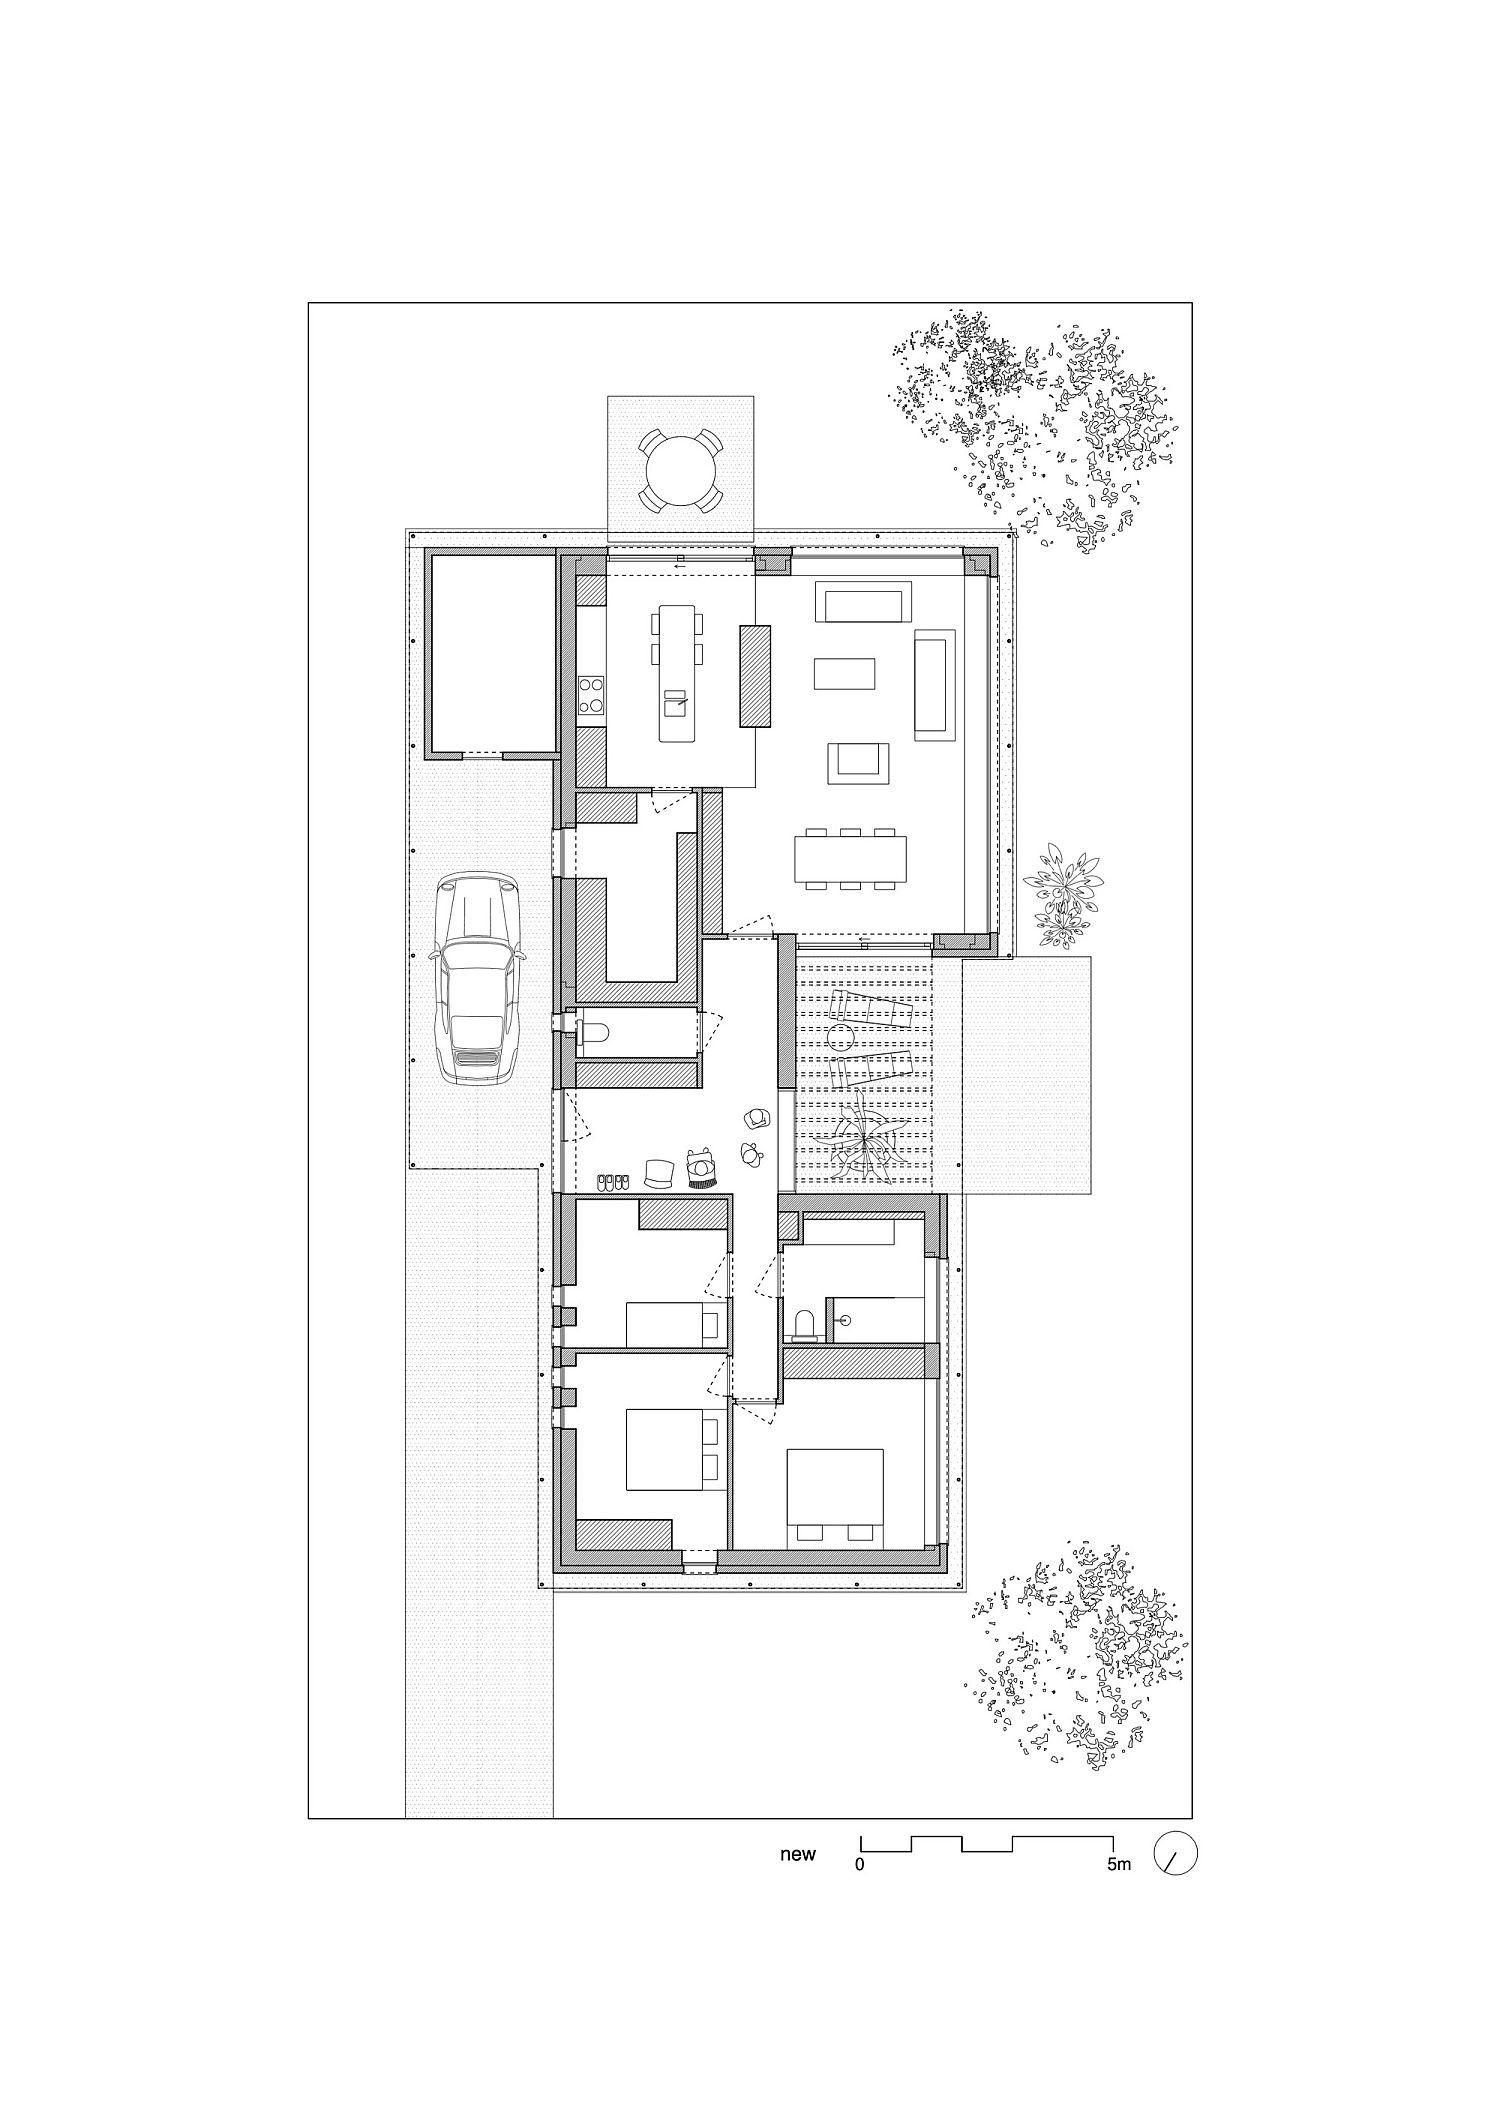 Revamped floor plan of the Abdel & Marijke House